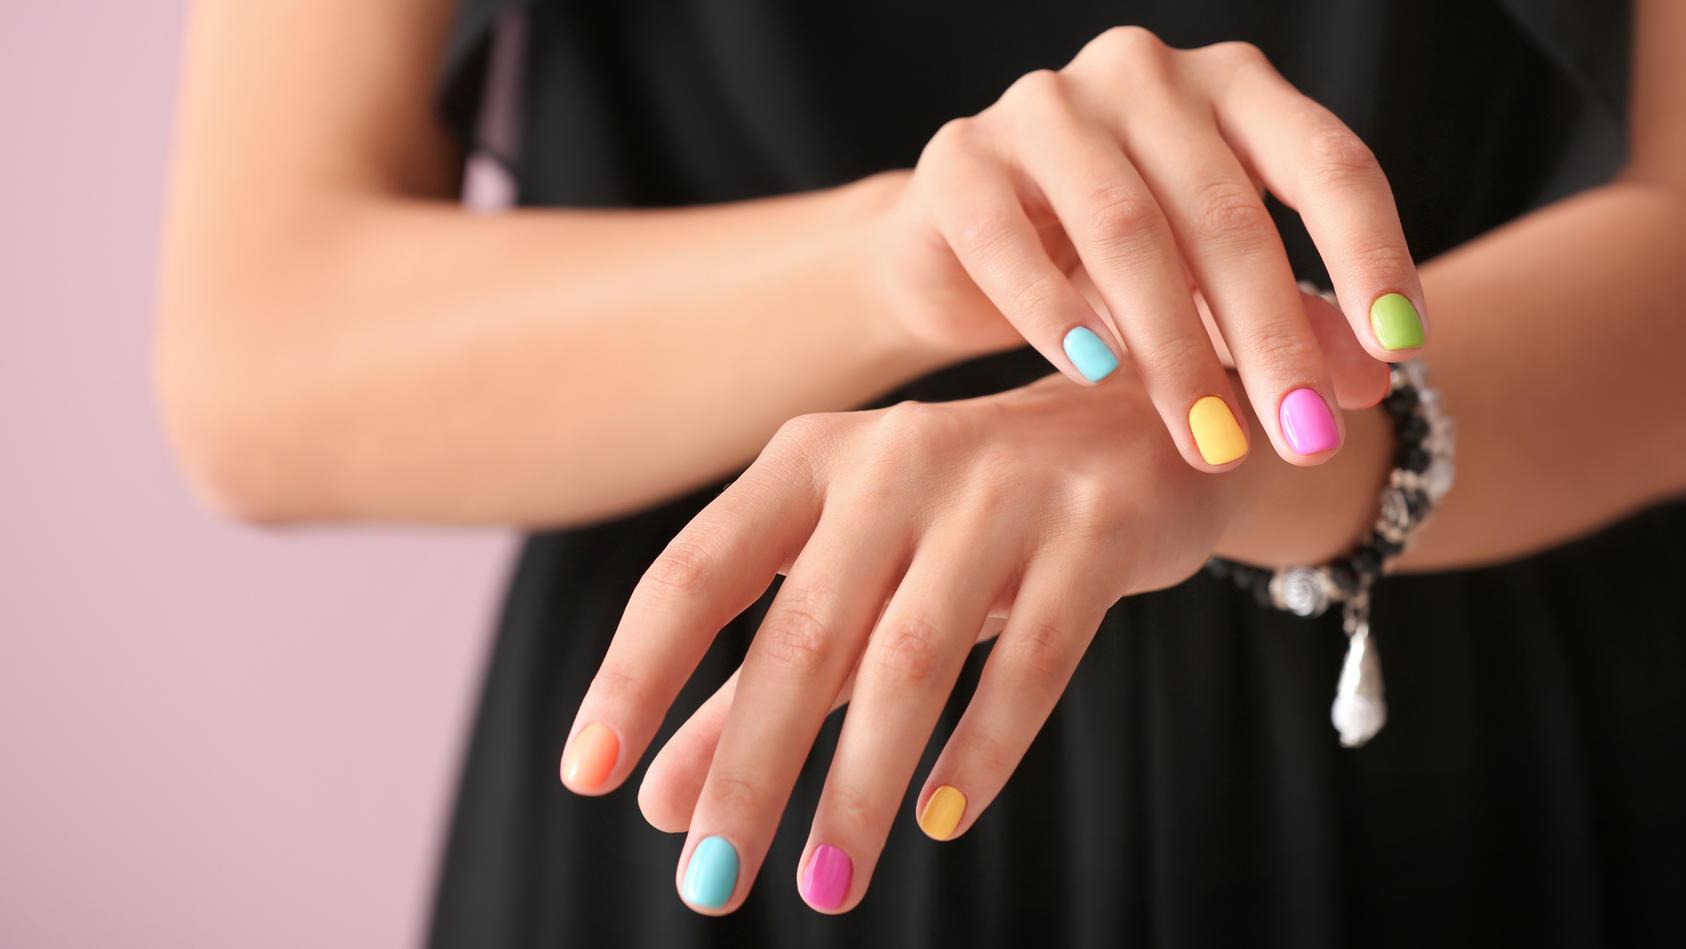 Der neue Nagellack-Trend Mismatched Nails ist gerade mega angesagt.